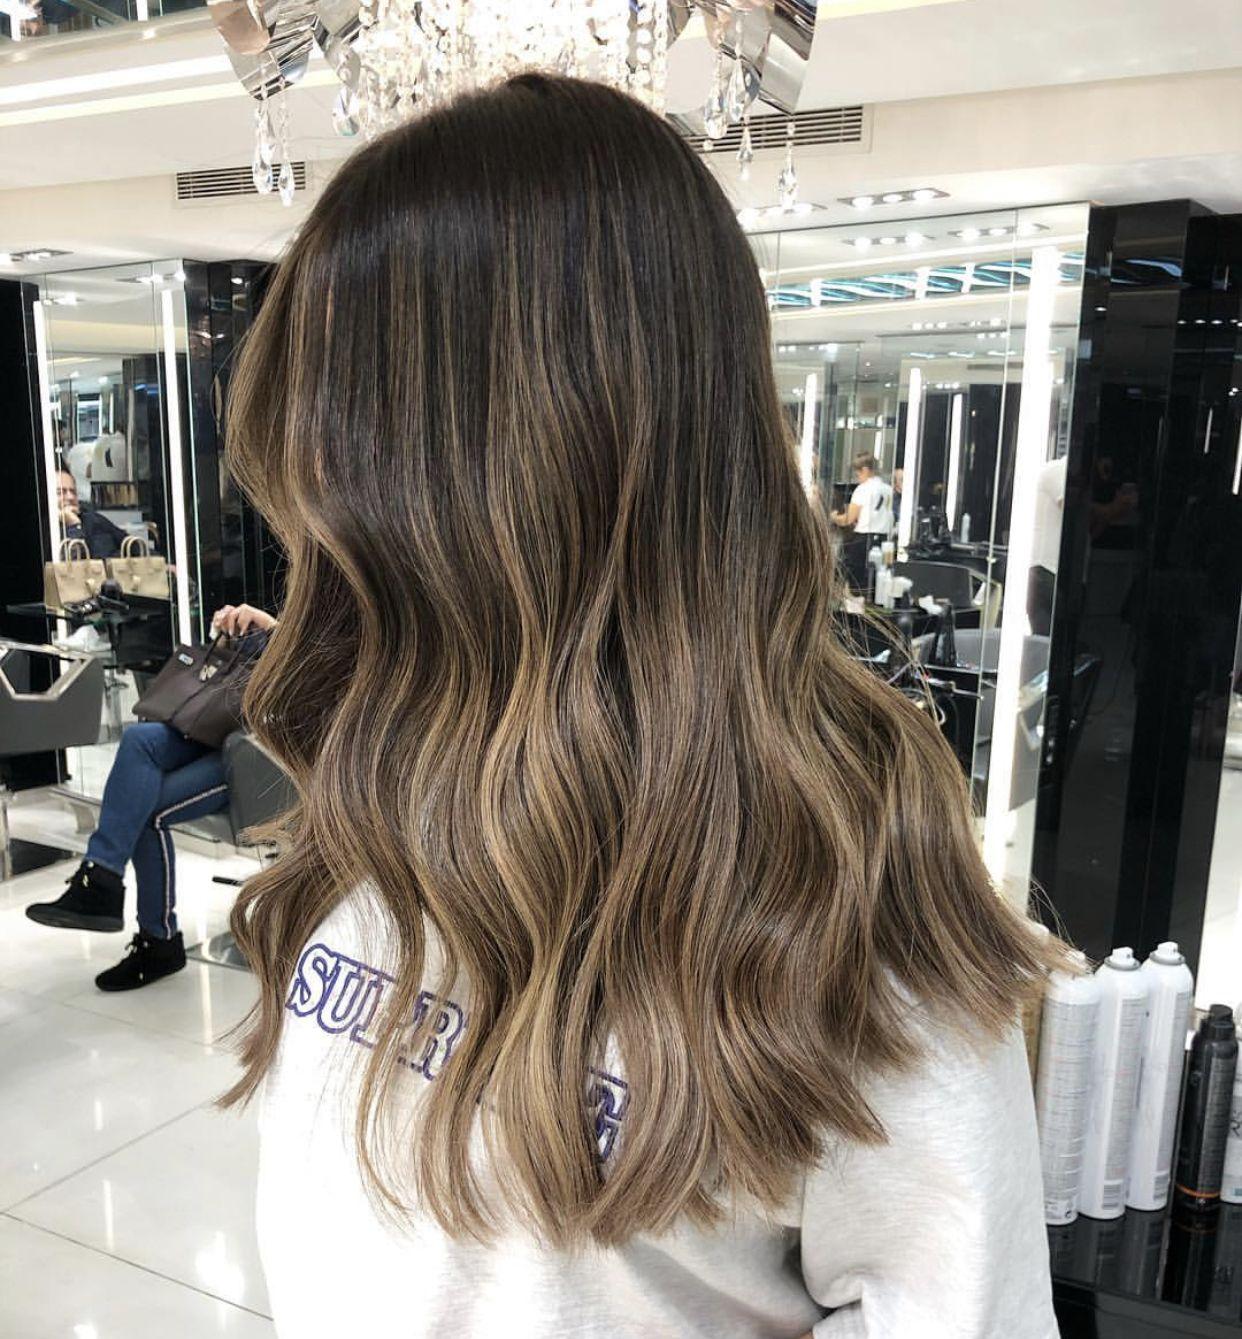 Simple y con estilo peinados lisos Fotos de cortes de pelo Consejos - Pin de Fernanda Prates Yankauskas en HAIR